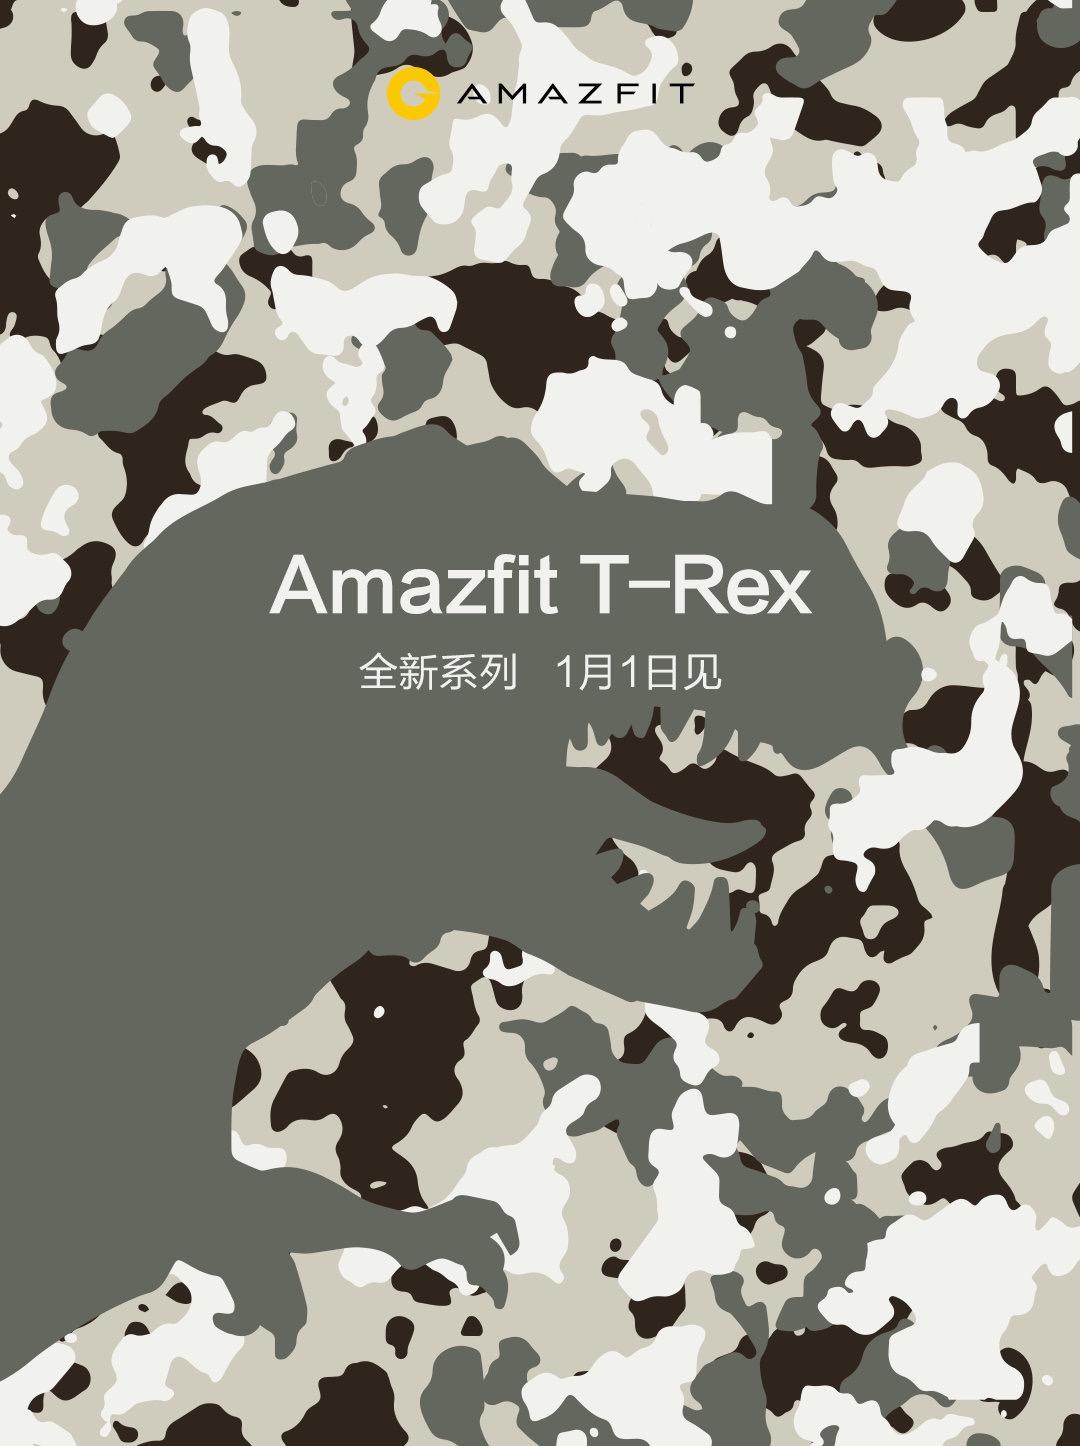 Darán a conocer el nuevo Amazfit T-Rex este 1 de enero de 2020.